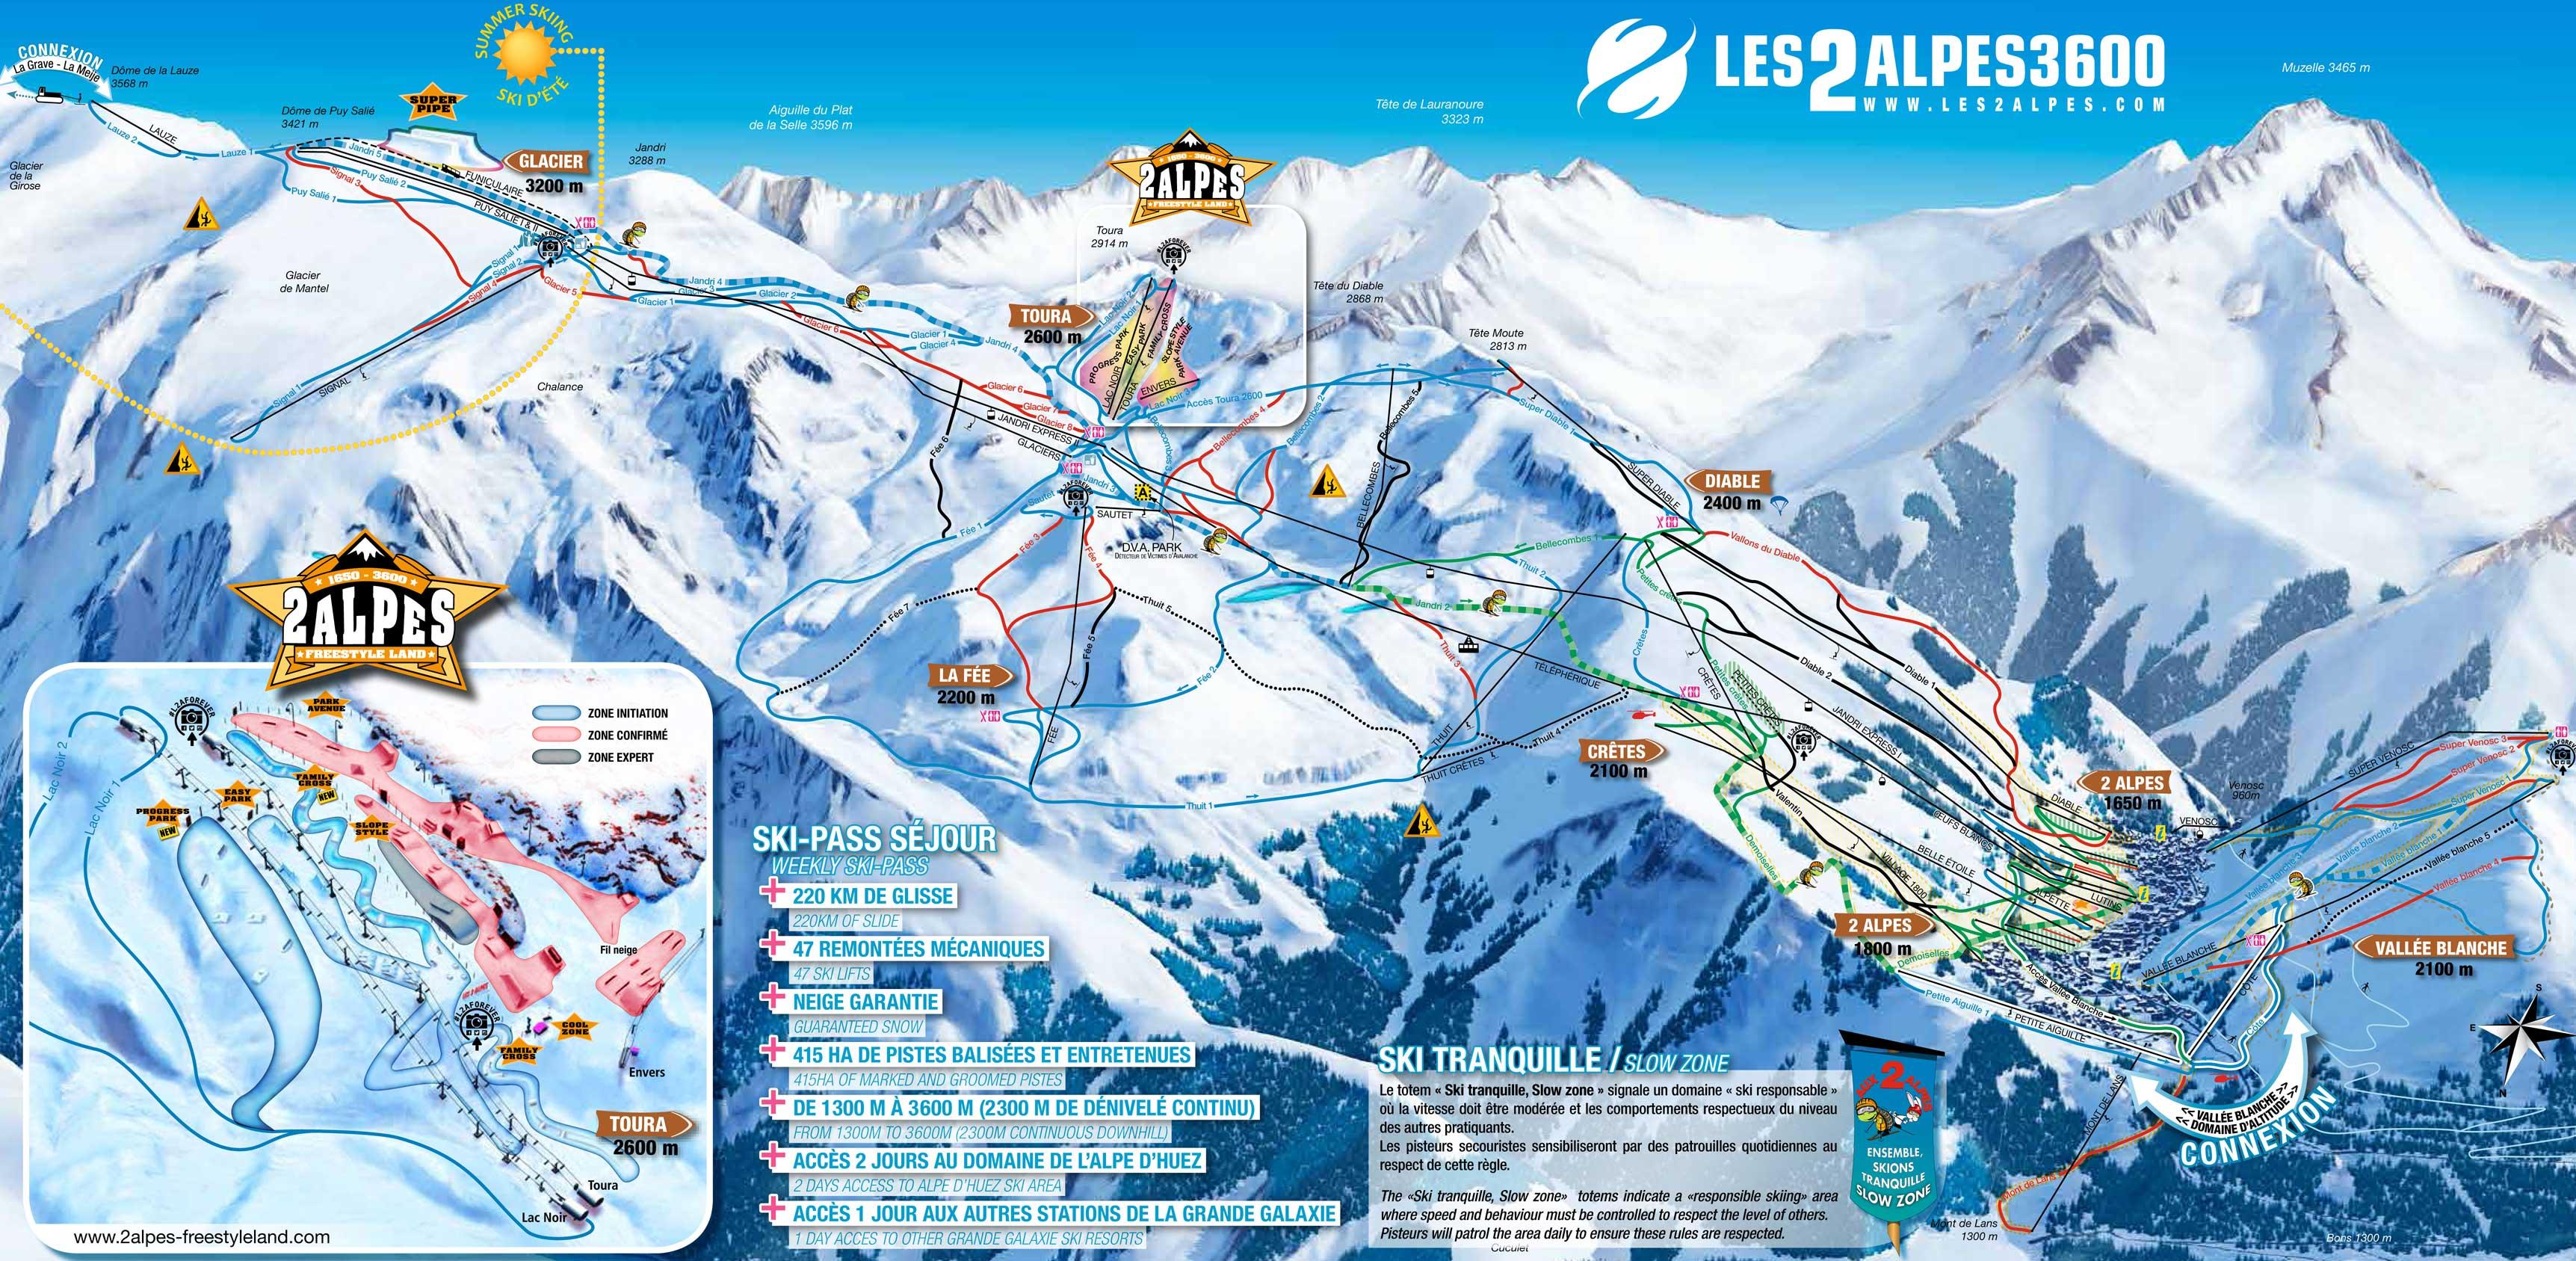 Les 2 Alpes plan des pistes